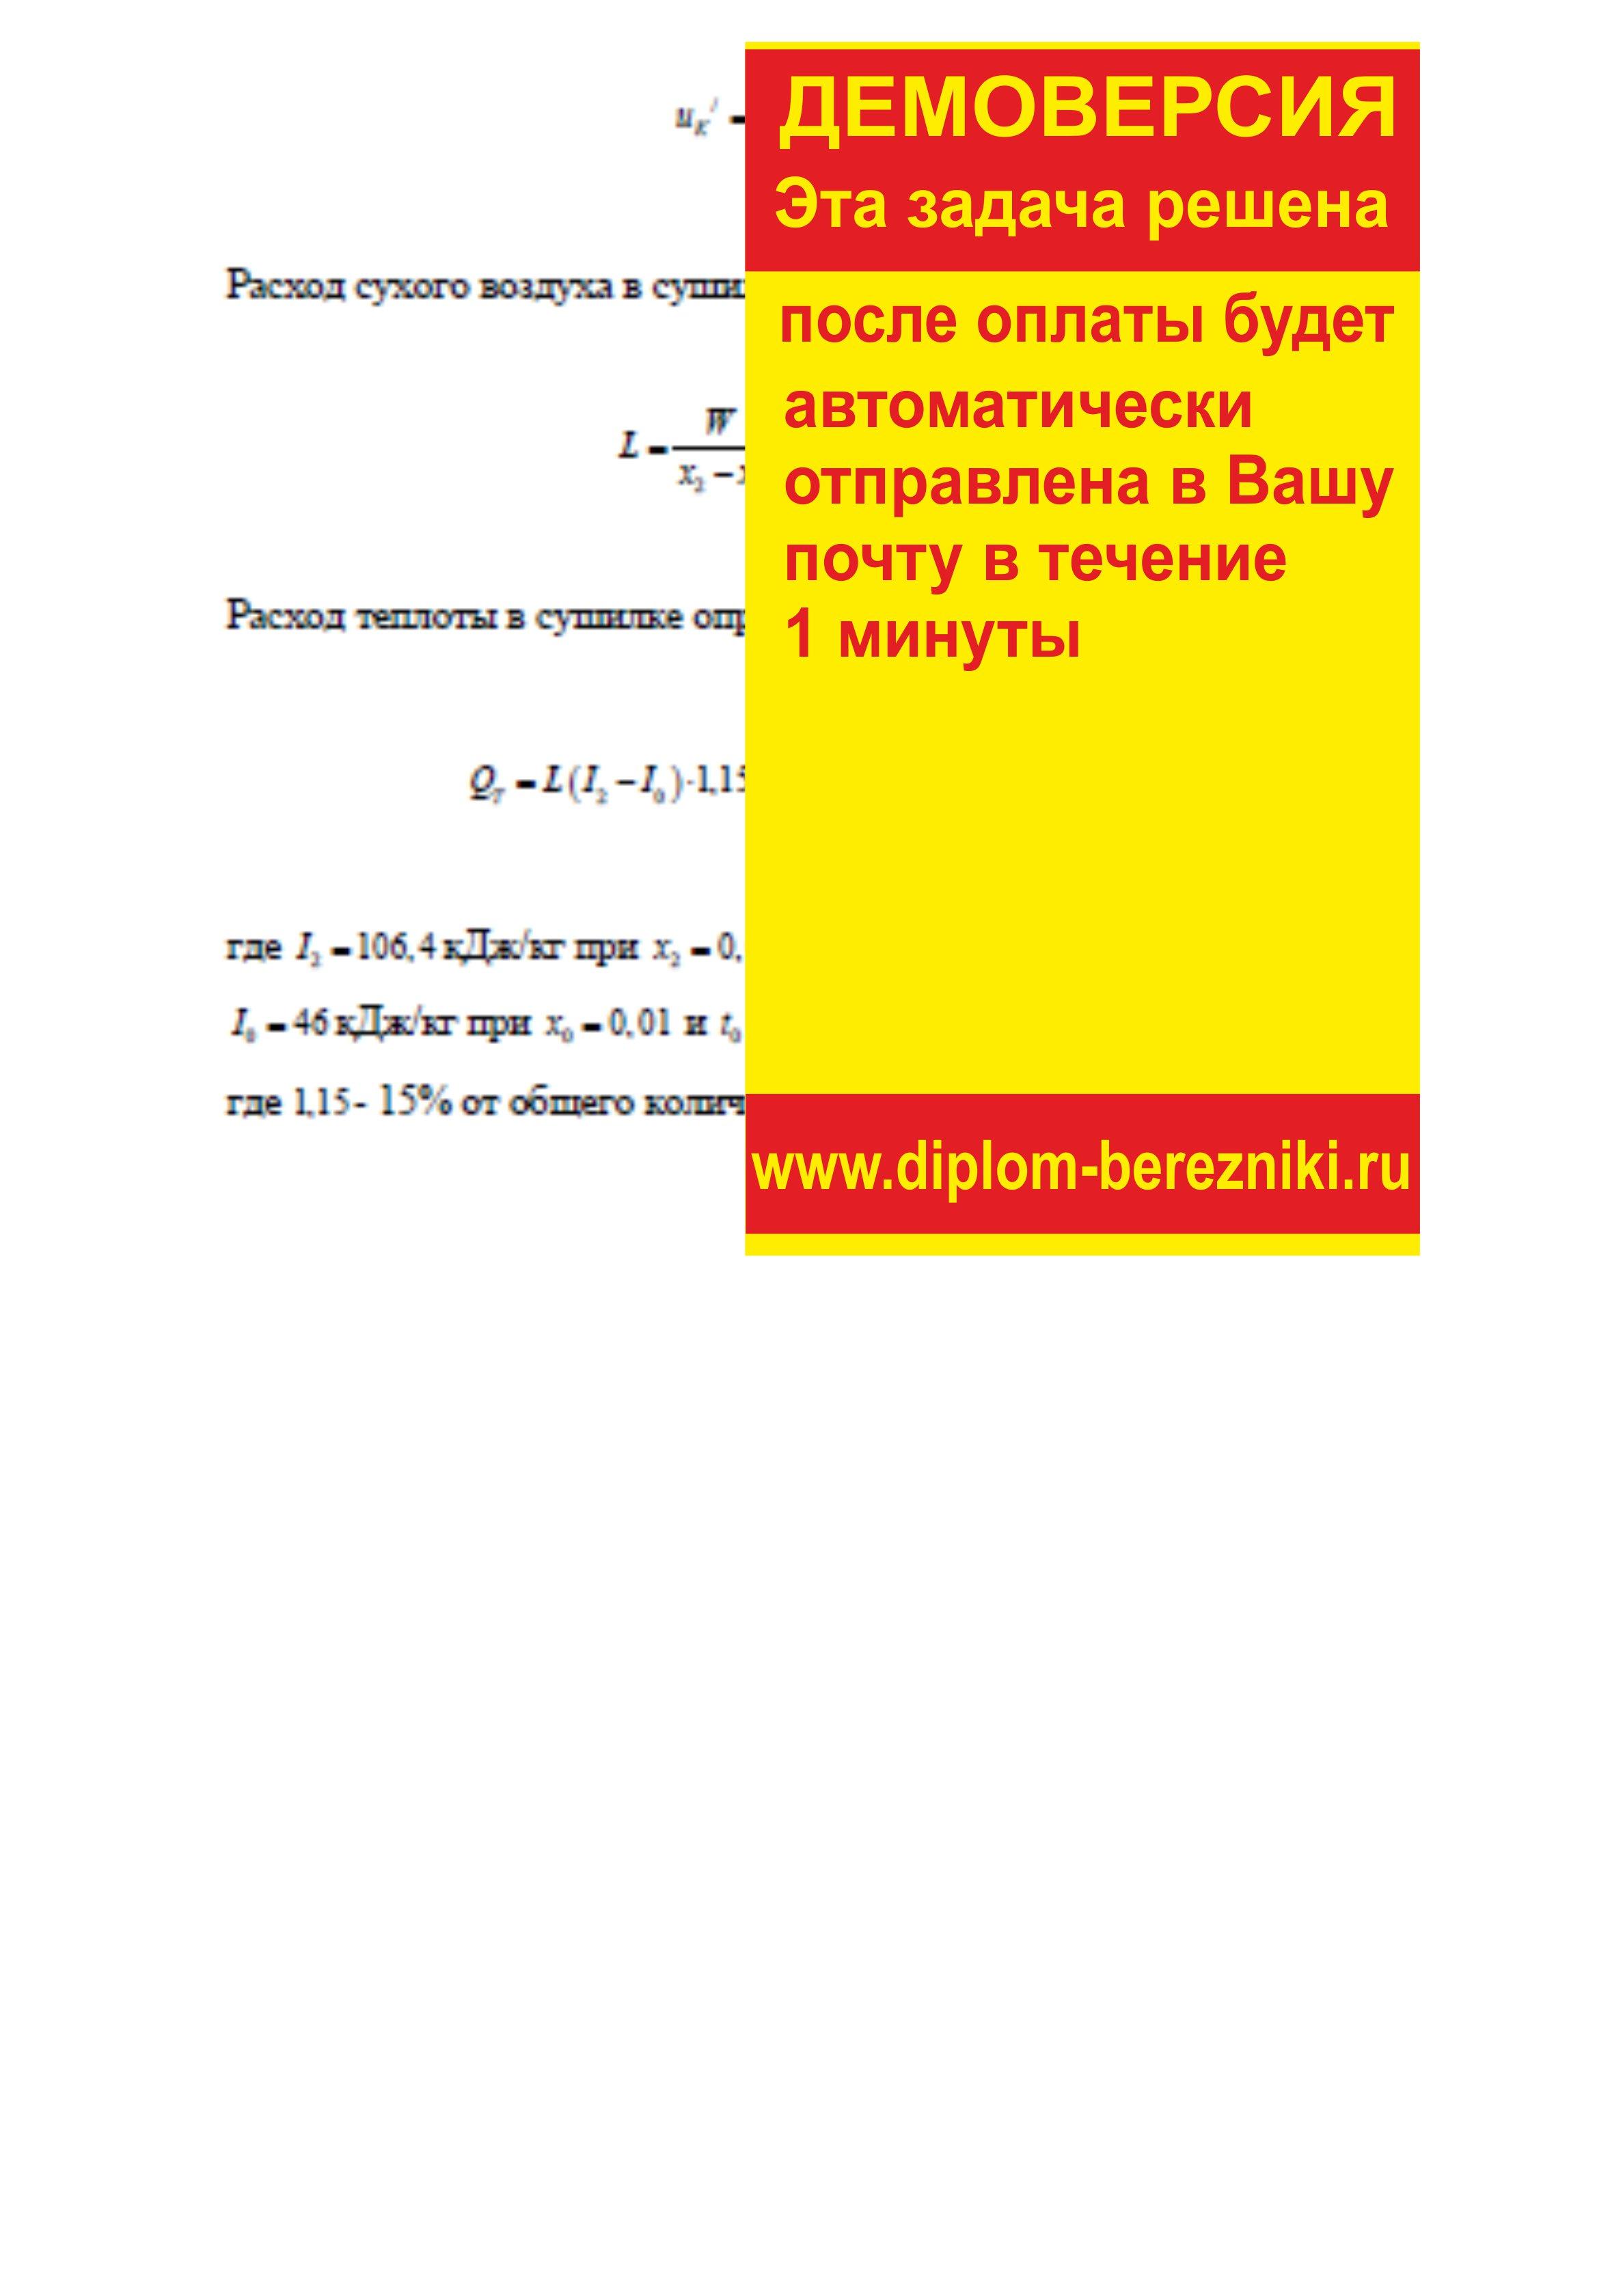 Решение задачи 10.14 по ПАХТ из задачника Павлова Романкова Носкова